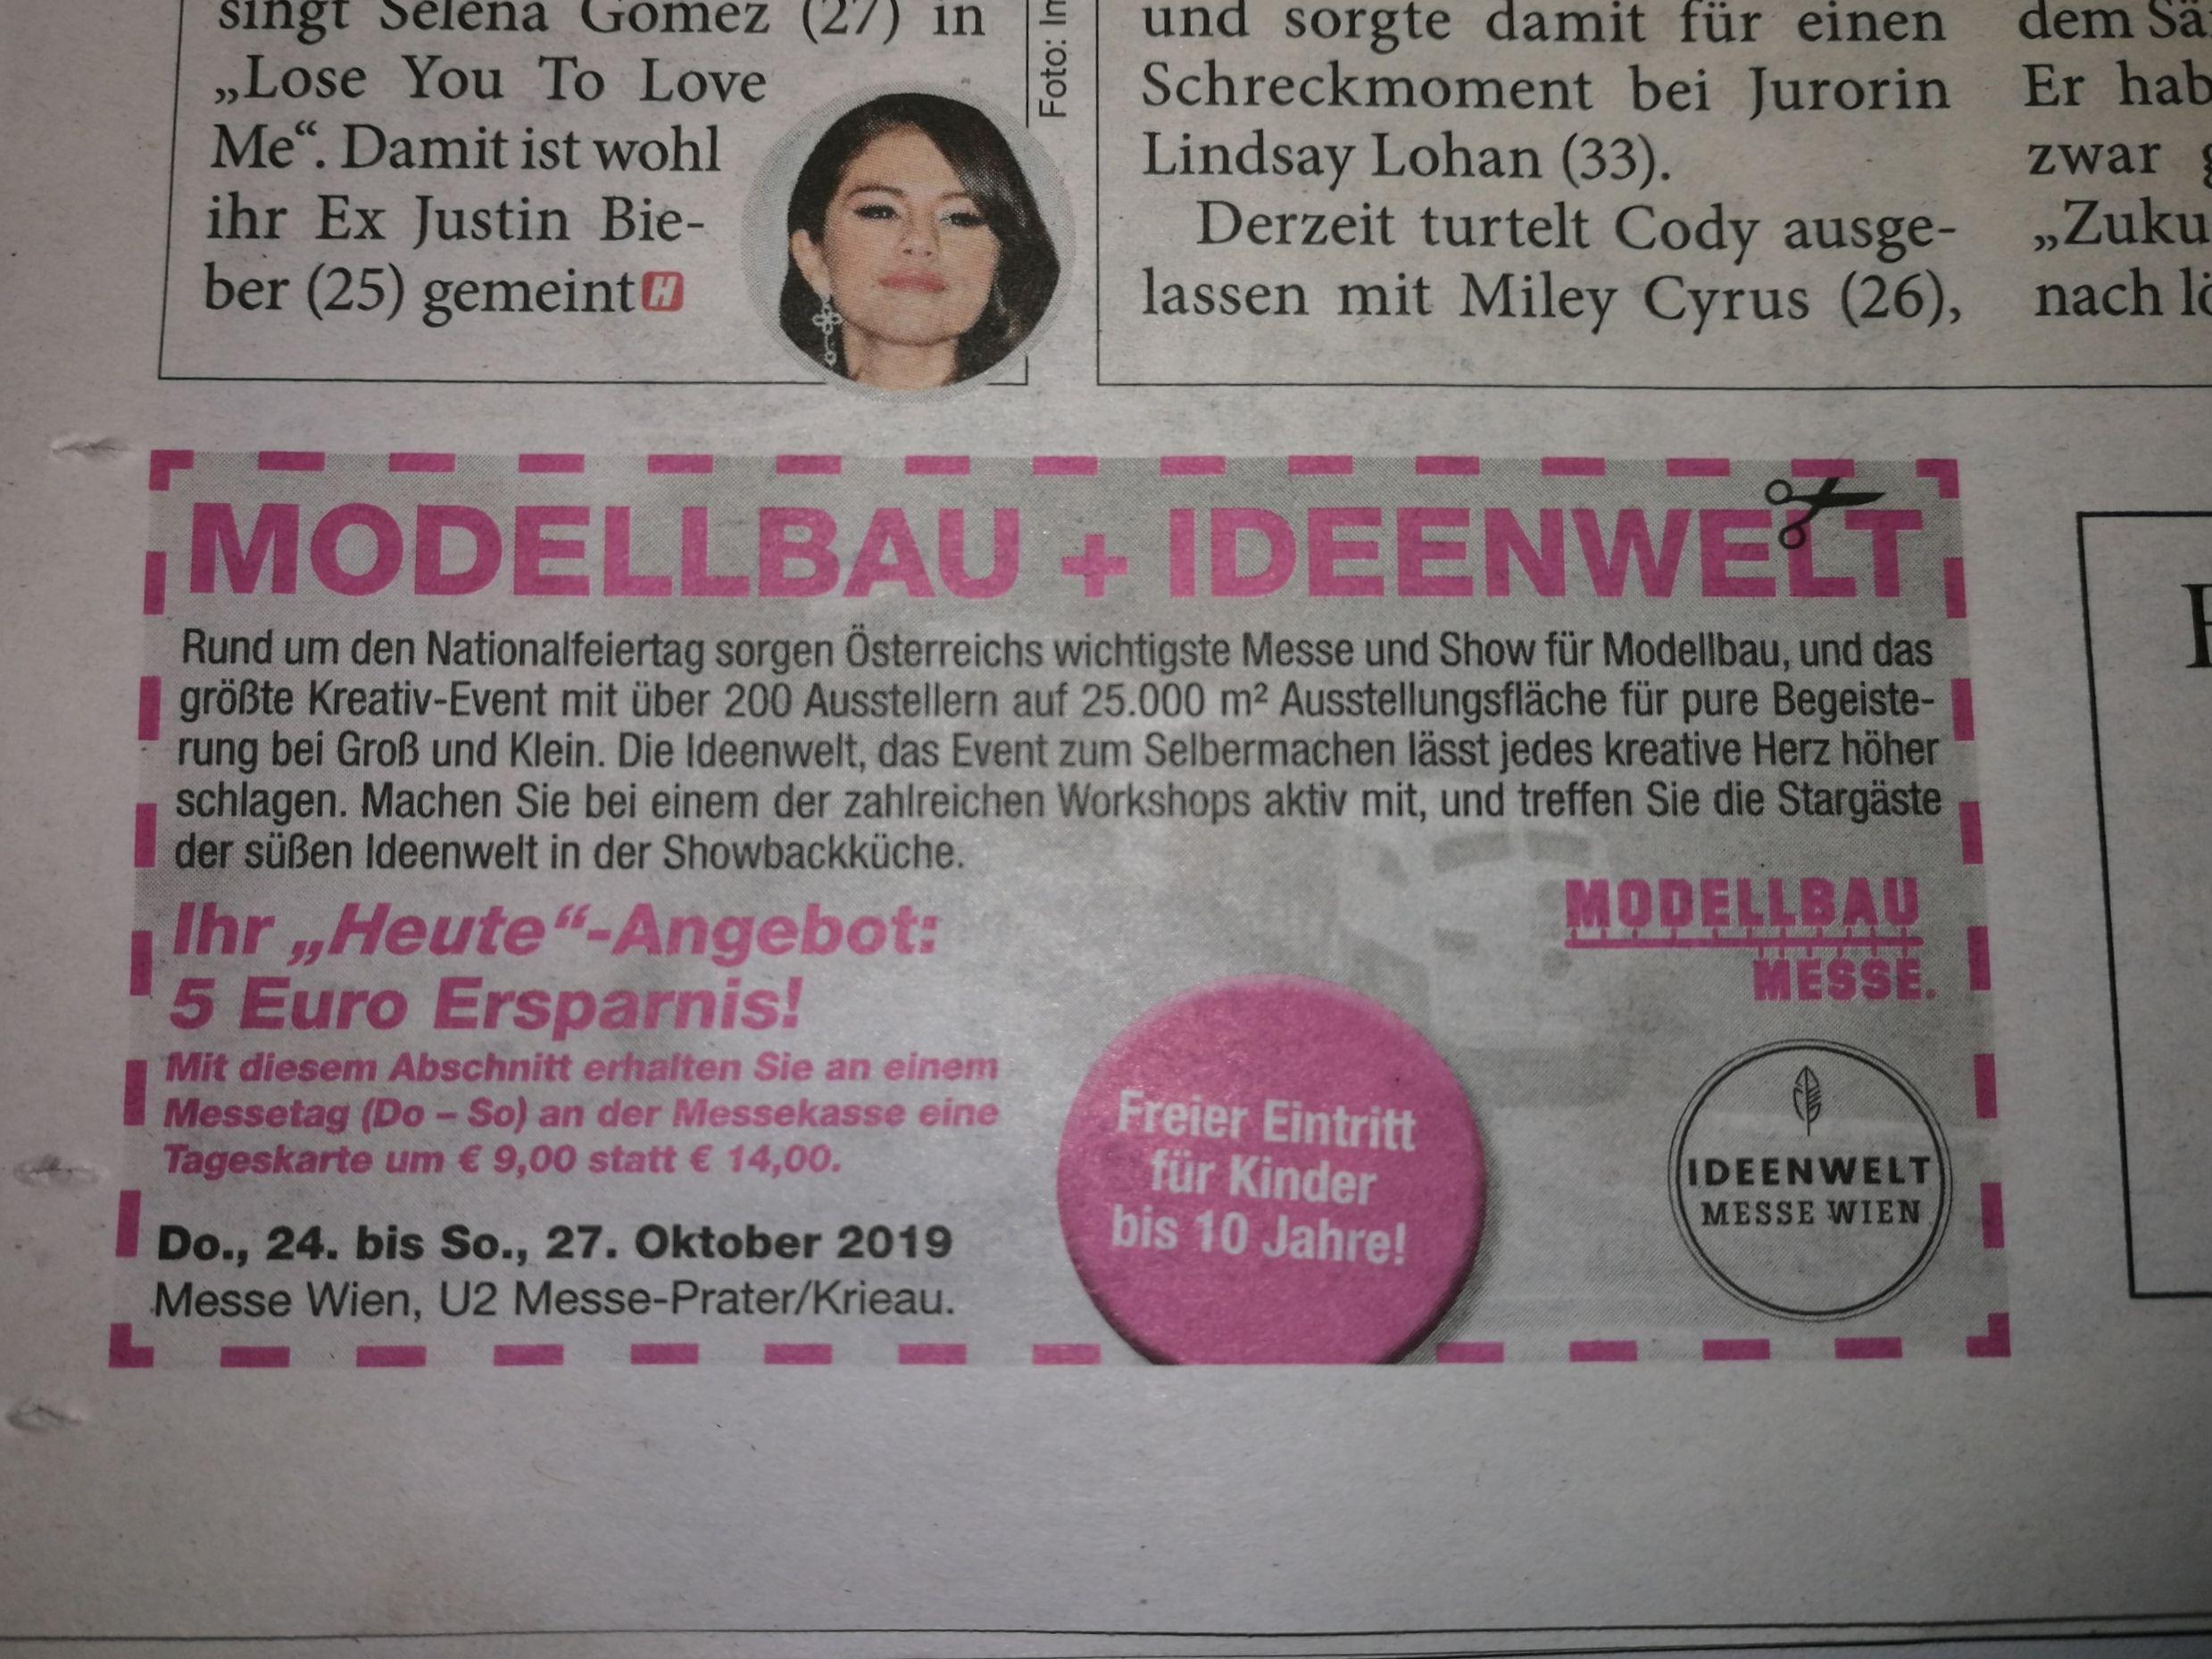 Modellbau + Ideenwelt (in der HEUTE Zeitung vom 24.10.)